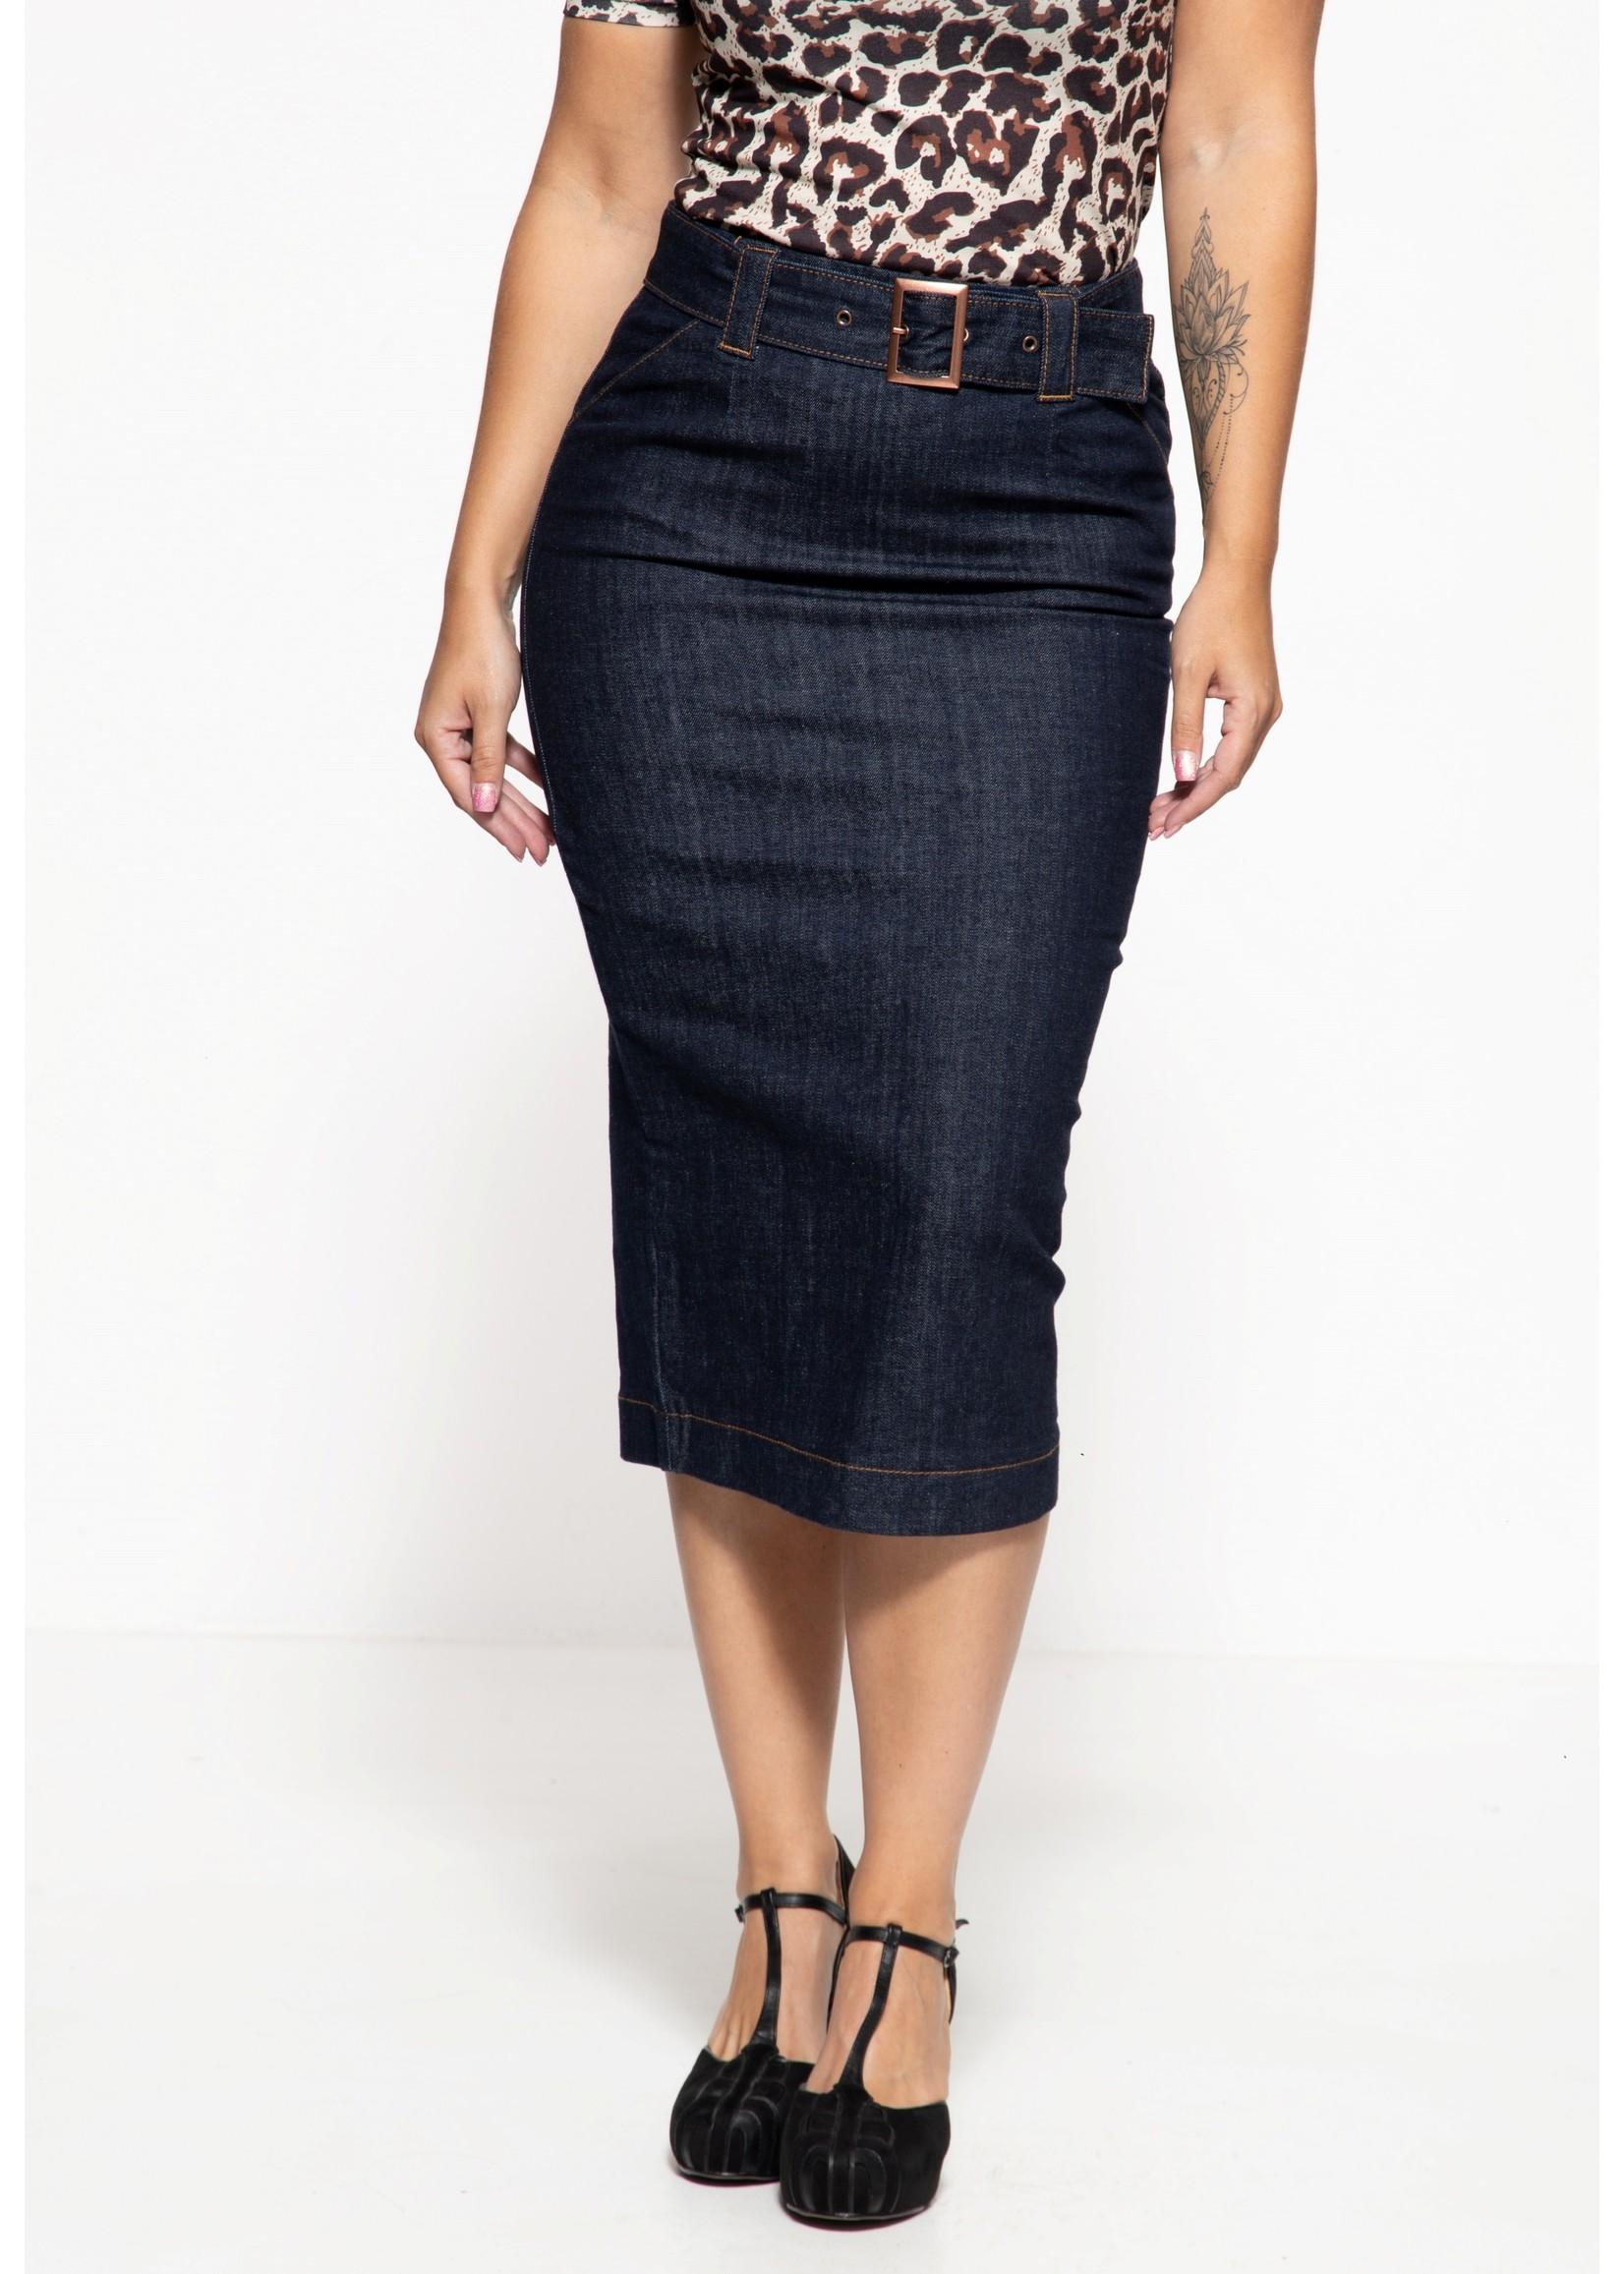 Queen Kerosin Queen Kerosin Denim 50s Pencil Skirt in Dark Blue